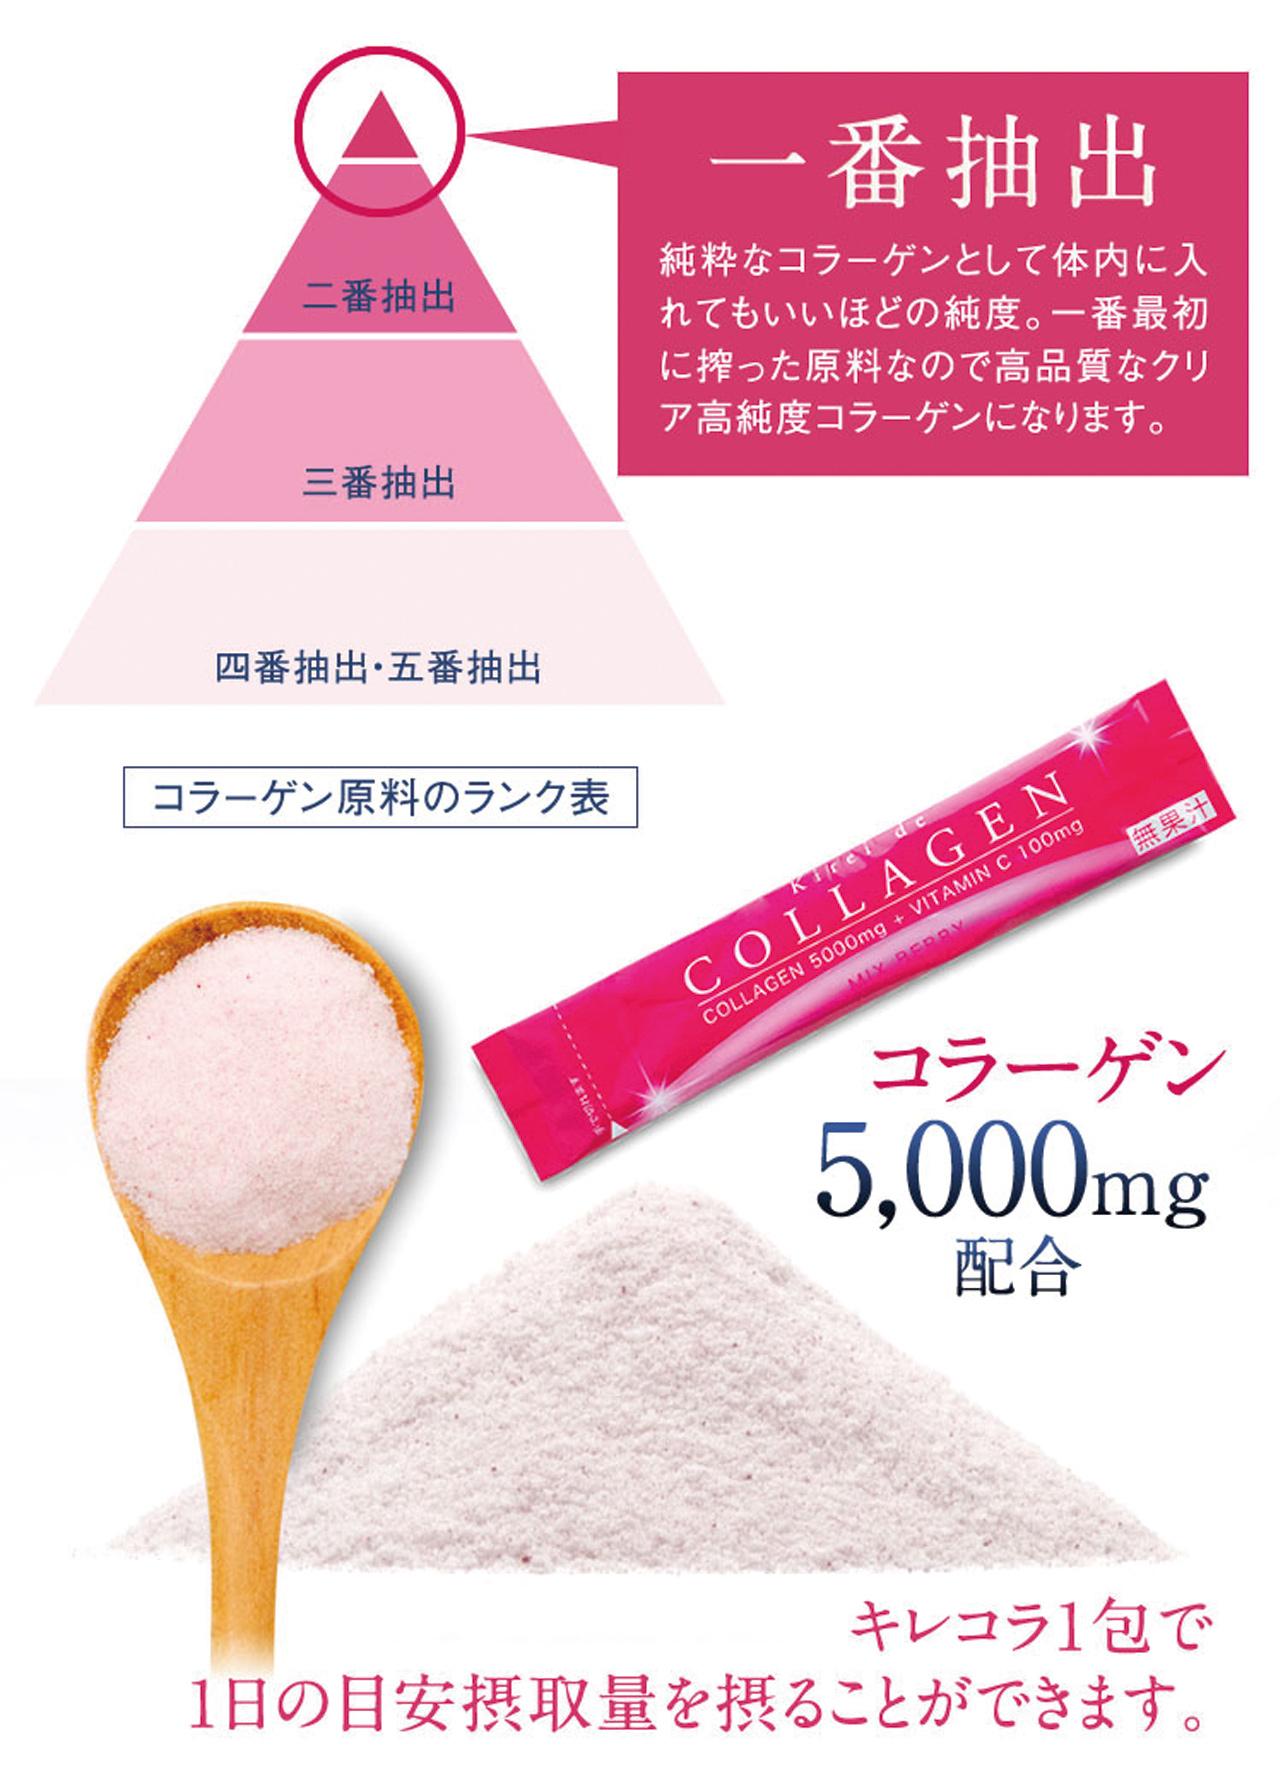 フレッシュでクリアな一番搾り製法で抽出された風味のよい高品質コラーゲン